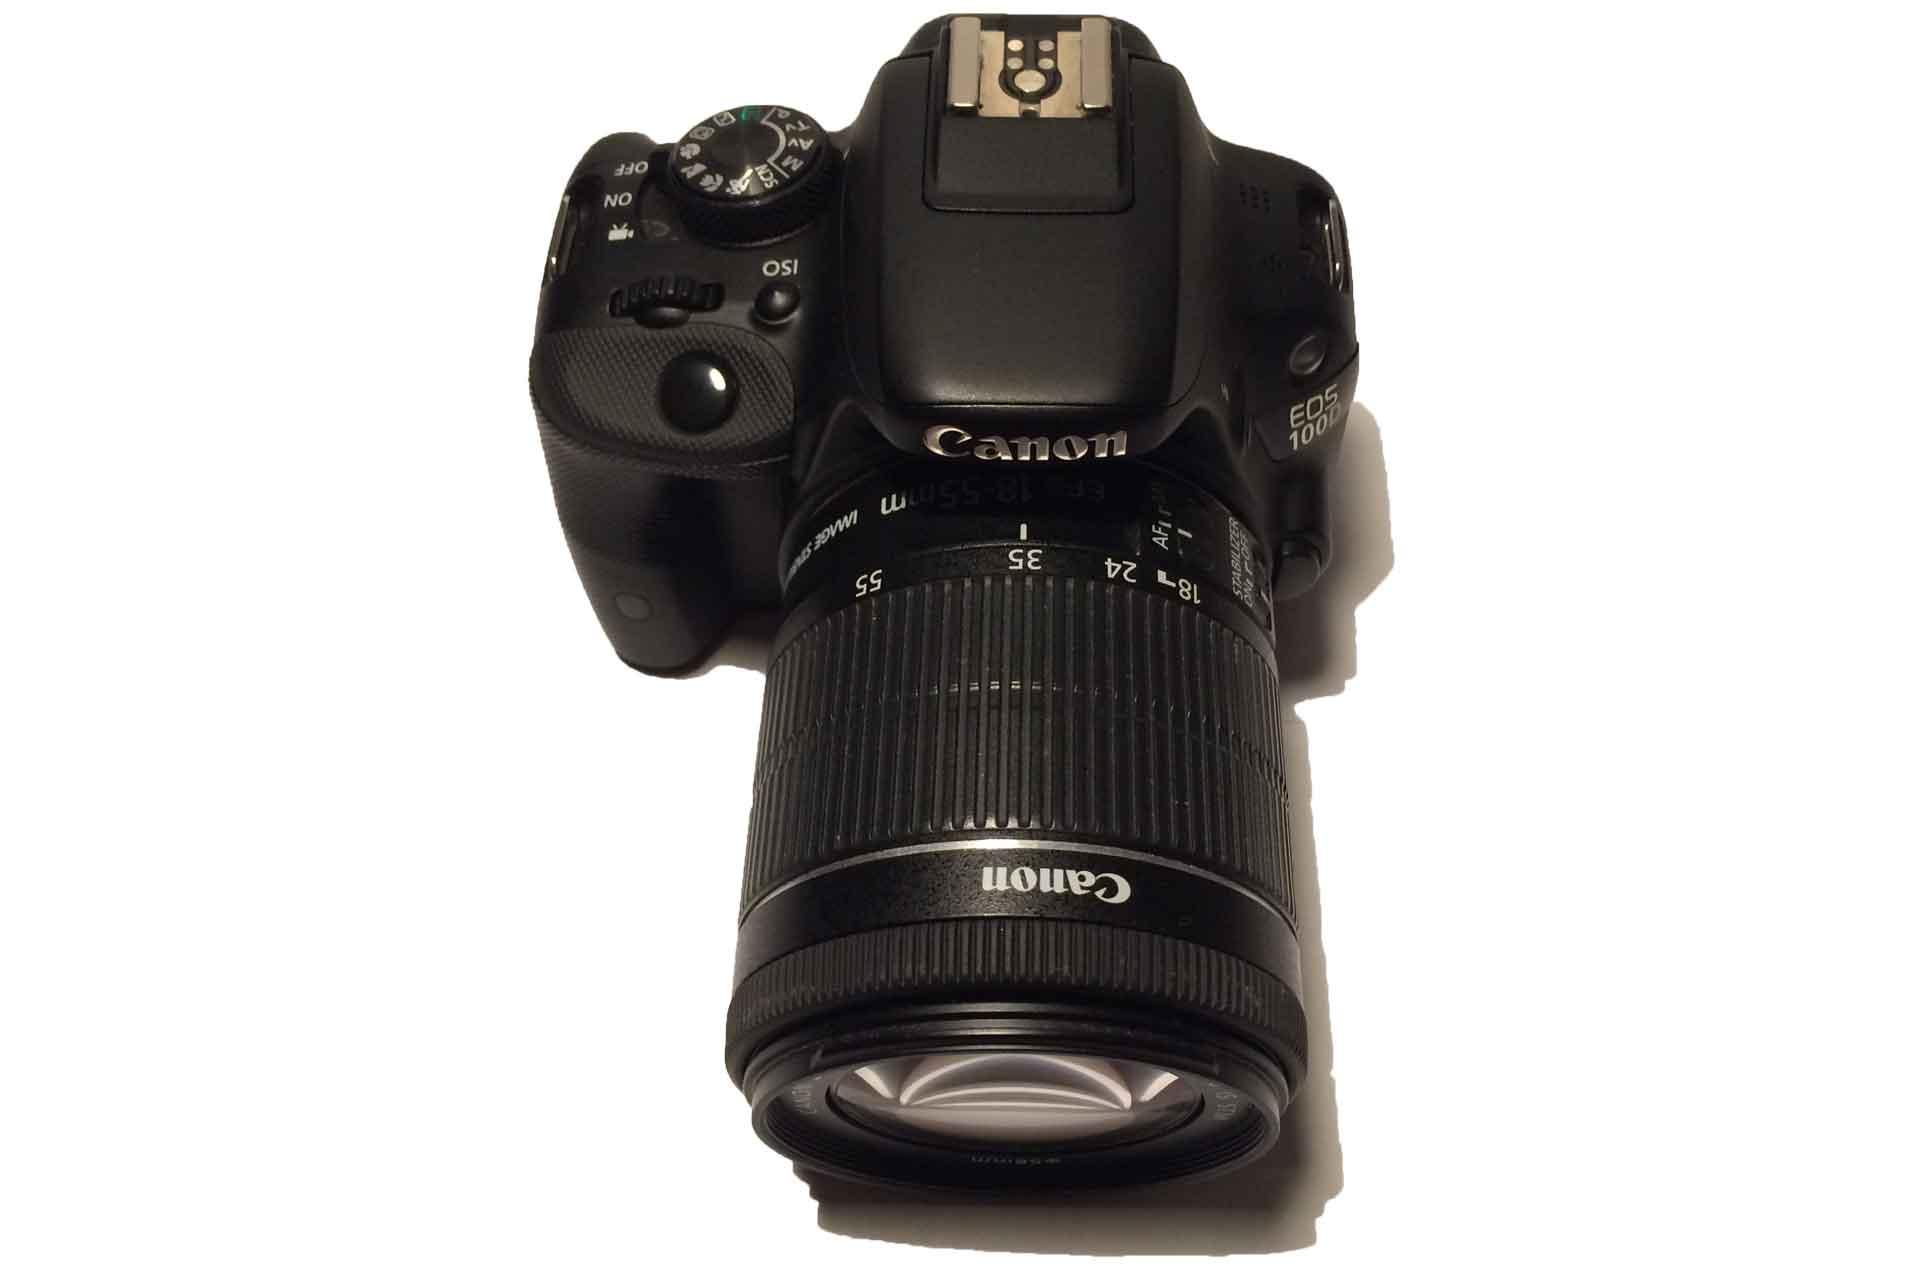 Canon Eos 100d Test Und Erfahrungsbericht Der Reisekamera Dslr Camera